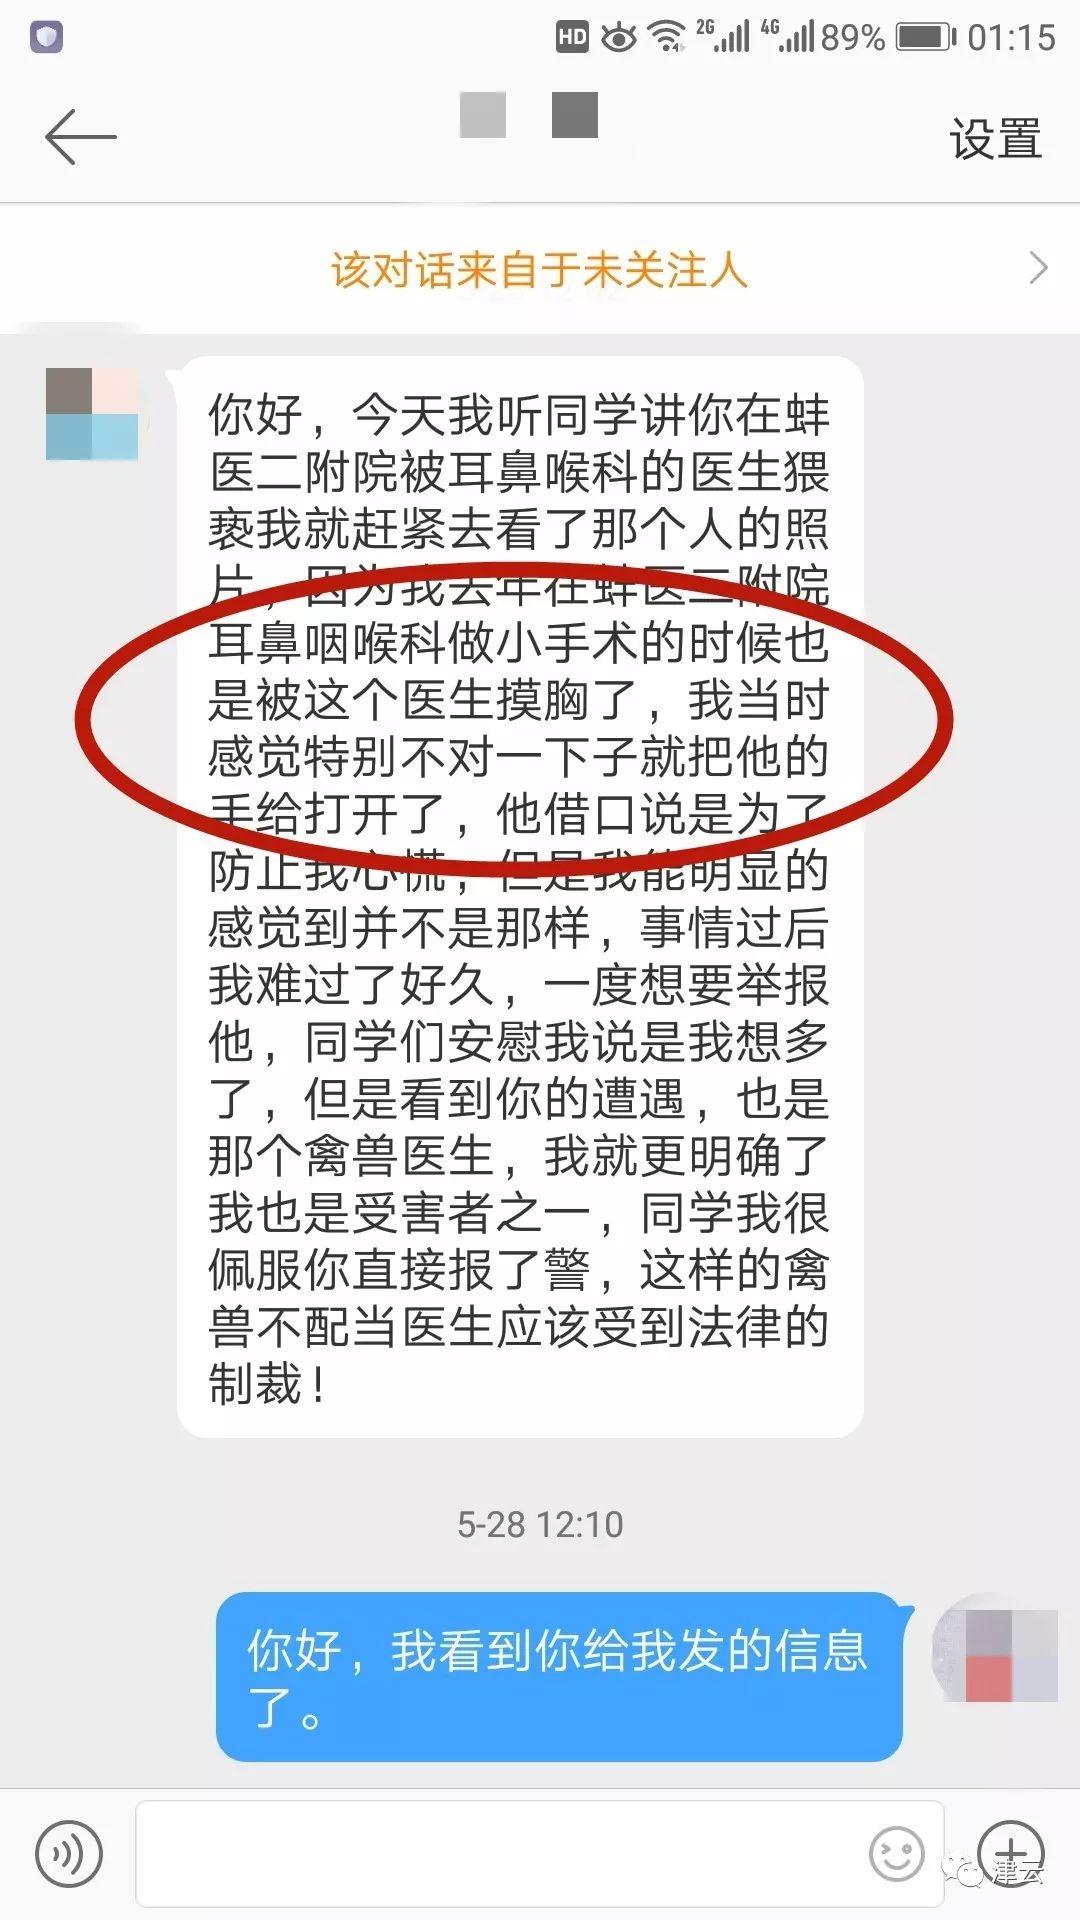 京城娱乐场彩金_快船2019-20赛季5大胆预测:健康成问题,进攻不稳?更该签一人